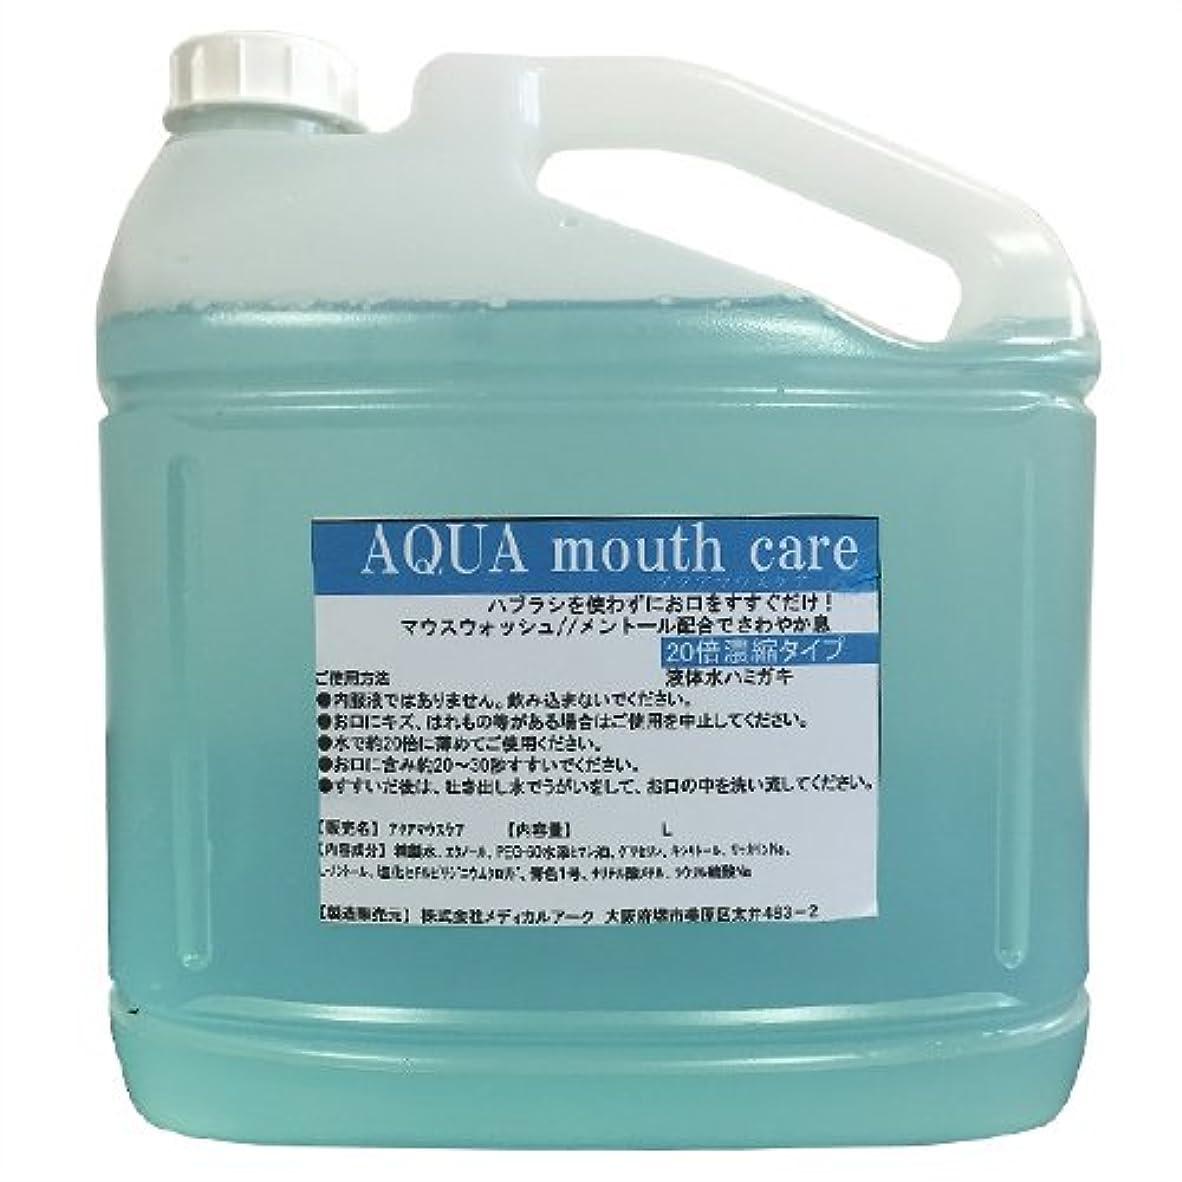 補正行商人円形業務用洗口液 マウスウォッシュ アクアマウスケア (AQUA mouth care) 20倍濃縮タイプ 5L (詰め替えコック付き)